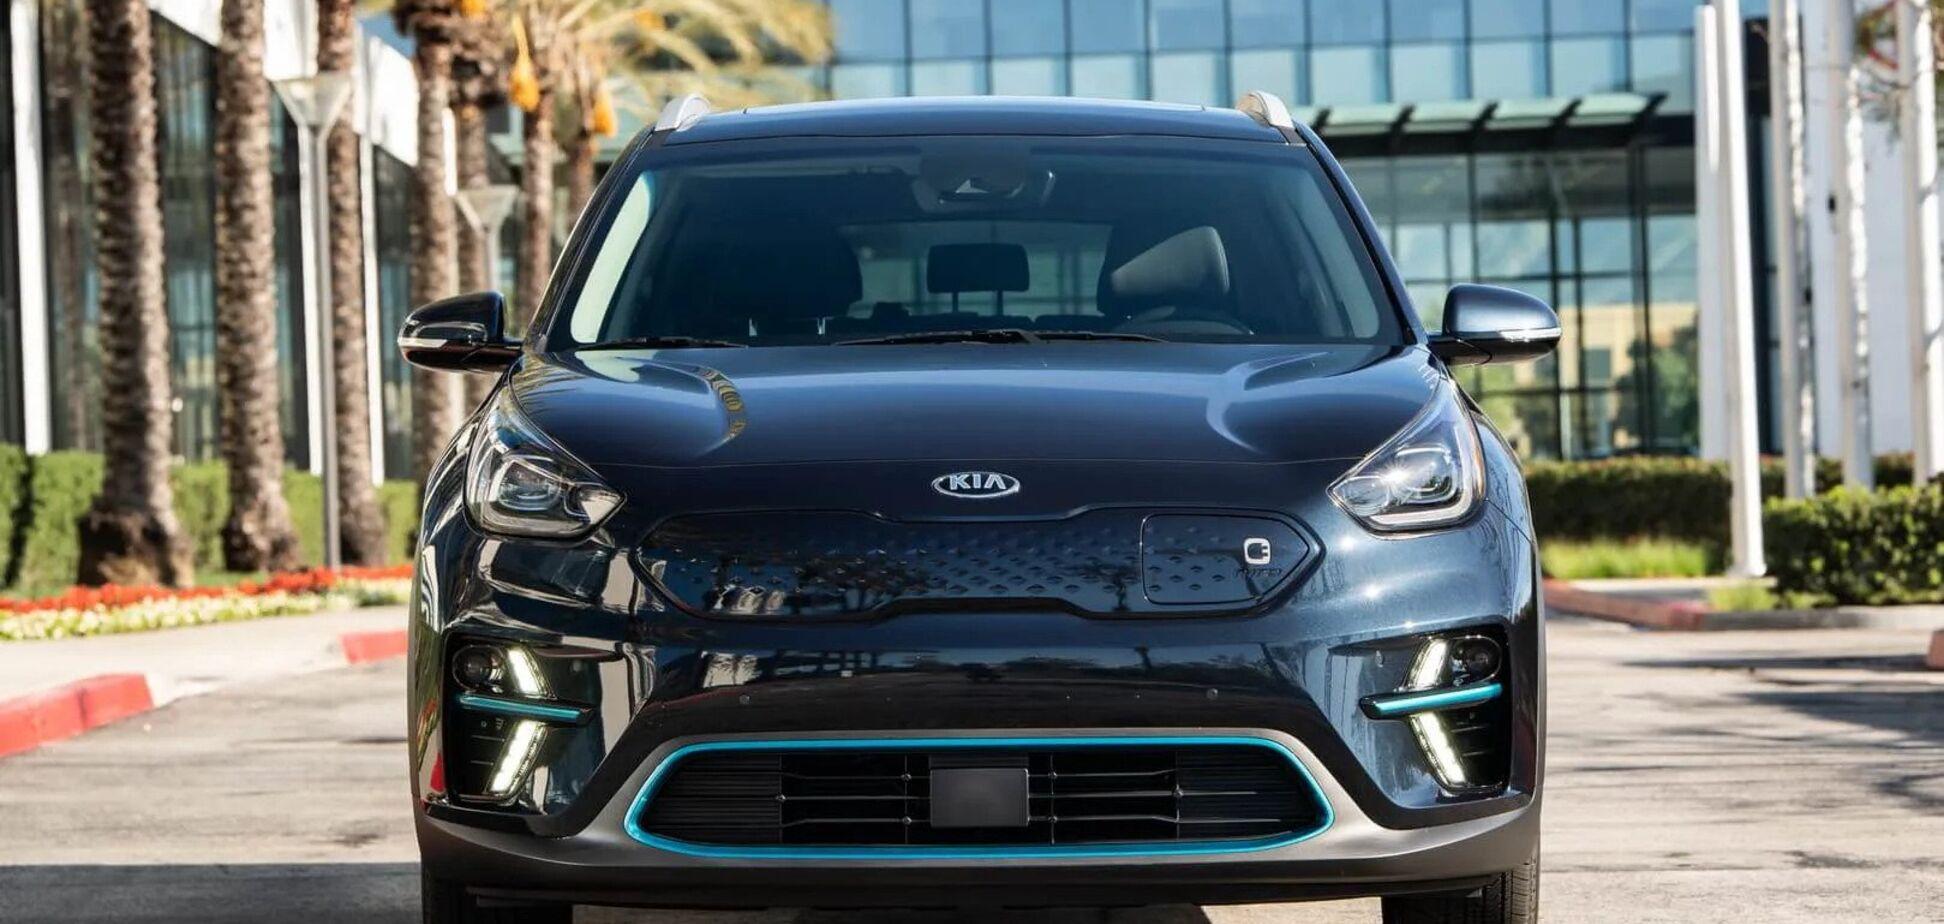 Число семь поможет Kia с выпуском электромобилей